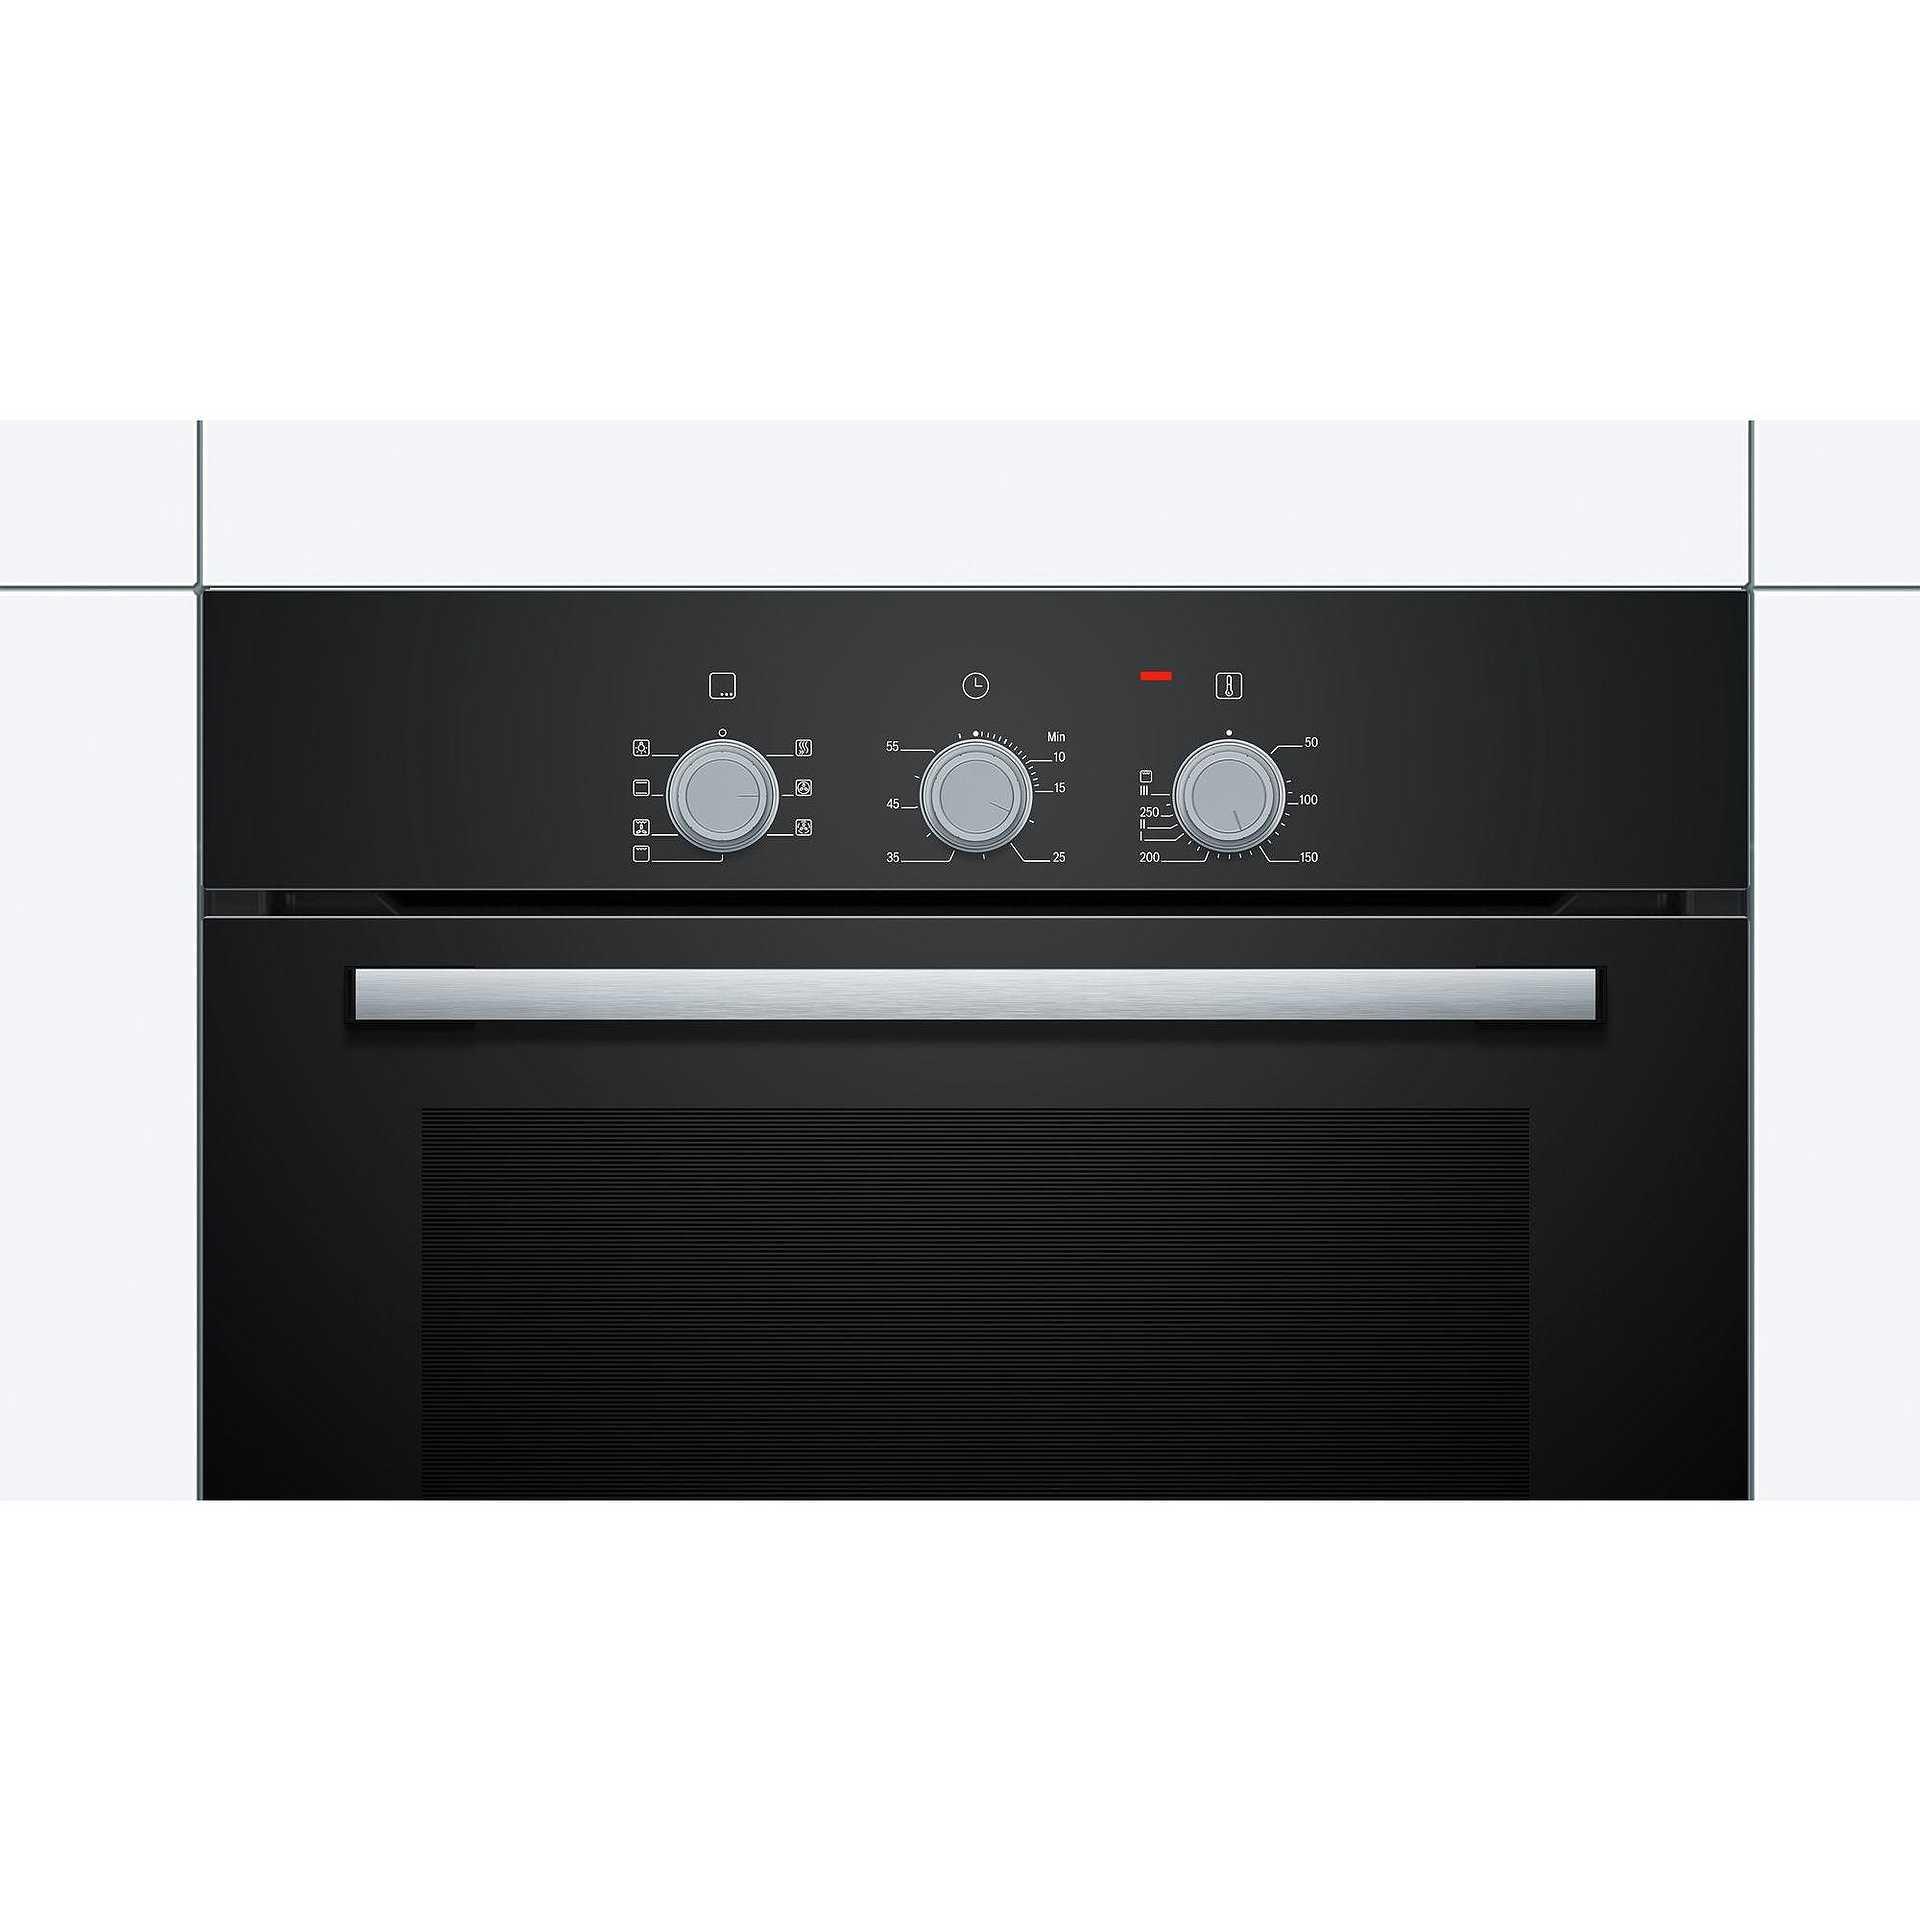 Bosch hbf011ba0j serie 2 forno elettrico da incasso classe a capacit 66 l colore nero forni - Forno da incasso bosch ...